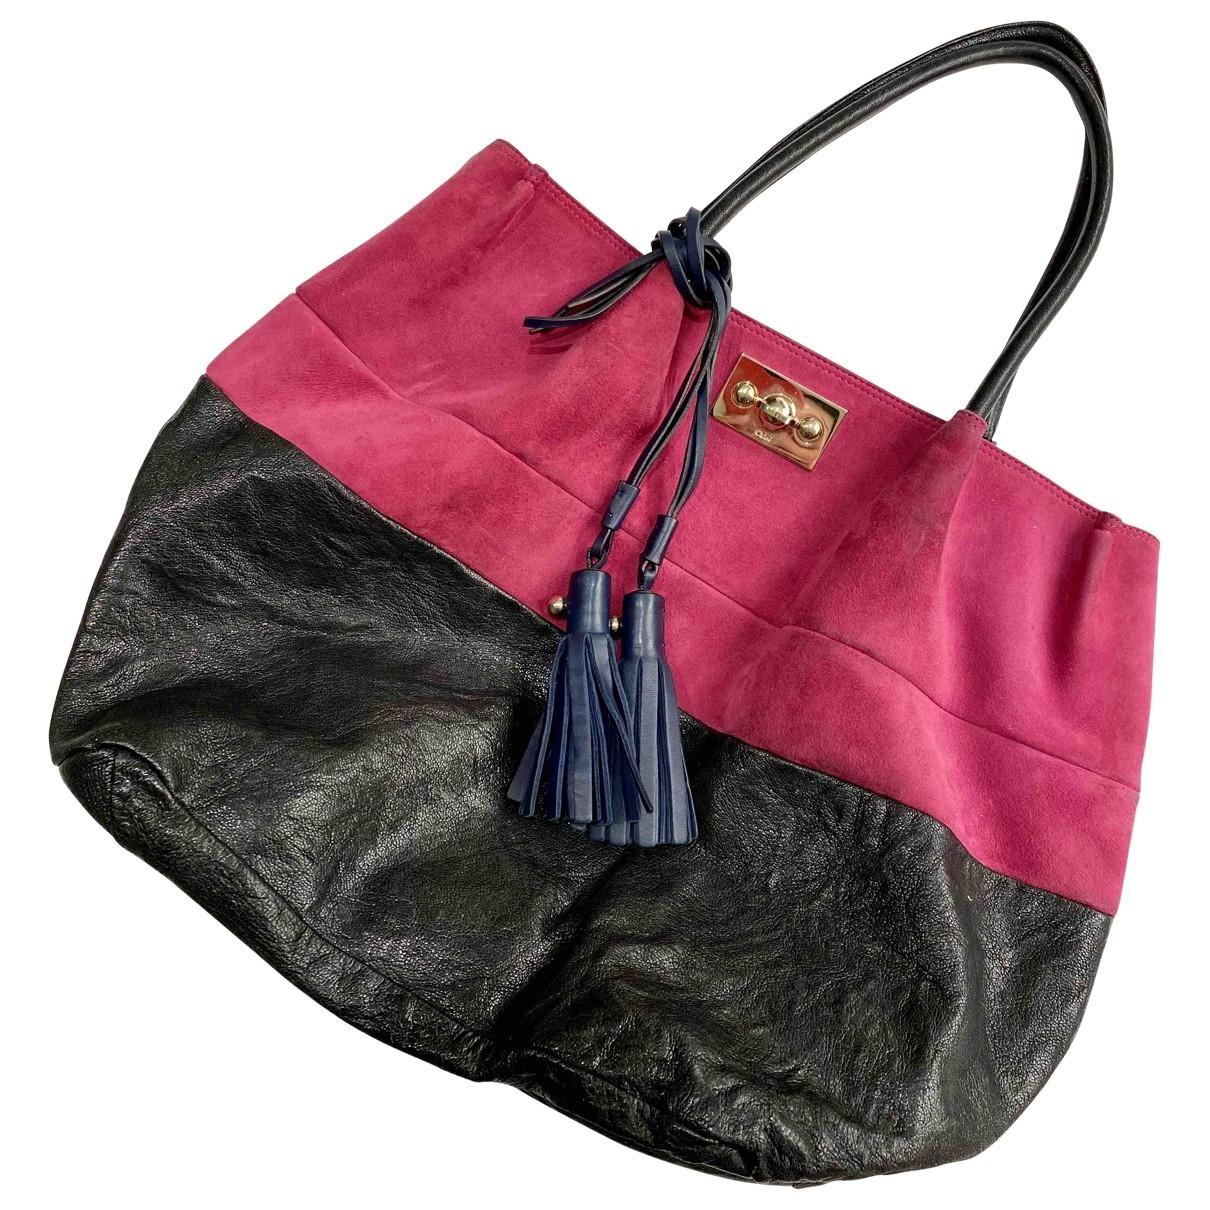 Chloe \N Handtasche in  Rosa Veloursleder